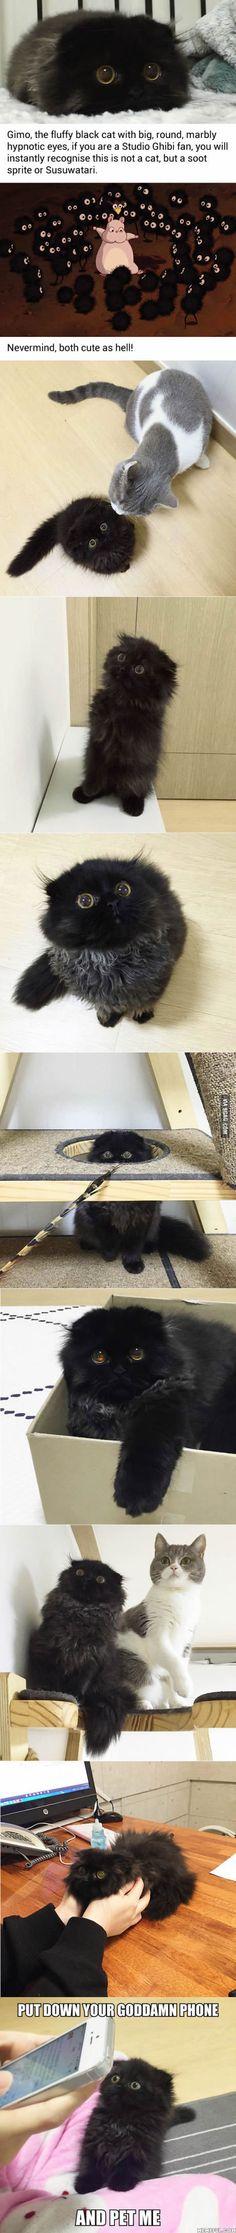 특이한 외모를 가진 귀여운 고양이.jpg | Daum 루리웹